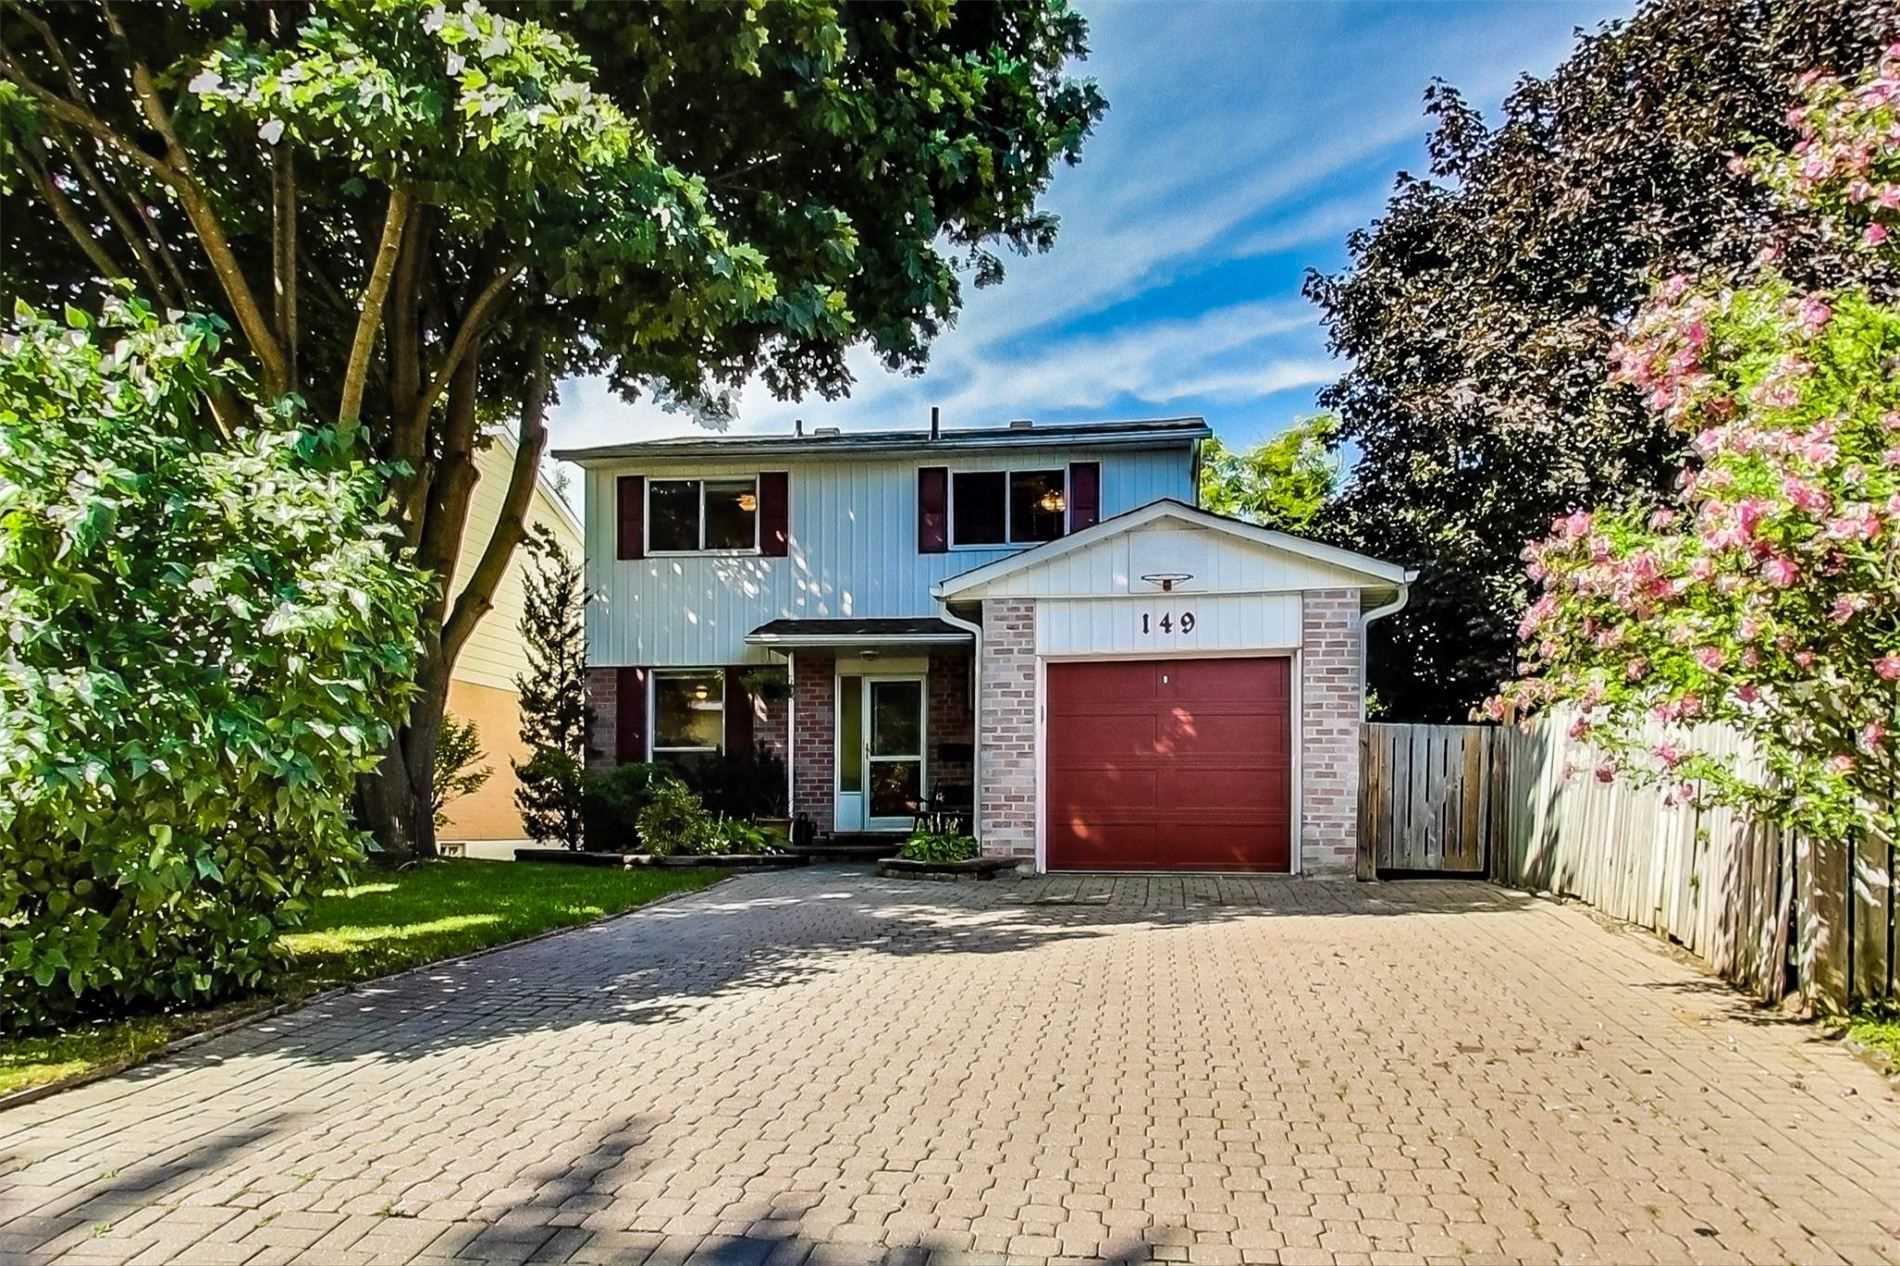 149 Armitage Dr, Newmarket, Ontario L3Y5L6, 4 Bedrooms Bedrooms, 7 Rooms Rooms,3 BathroomsBathrooms,Detached,For Sale,Armitage,N4901637